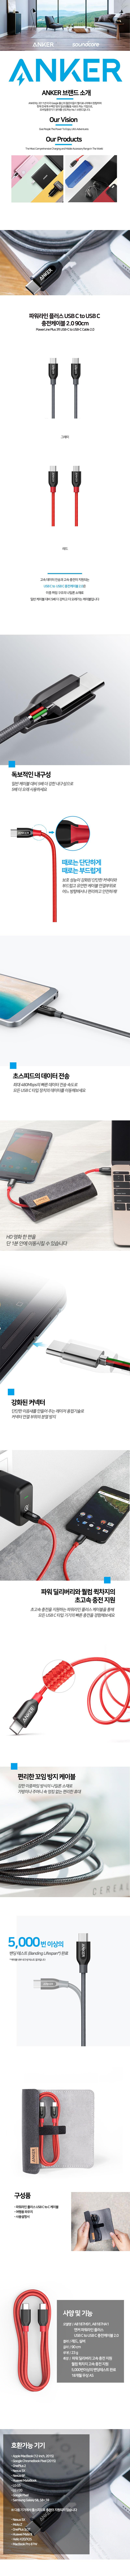 앤커(ANKER) 파워라인 플러스 USB C to USB C 충전케이블 2.0 (90cm)